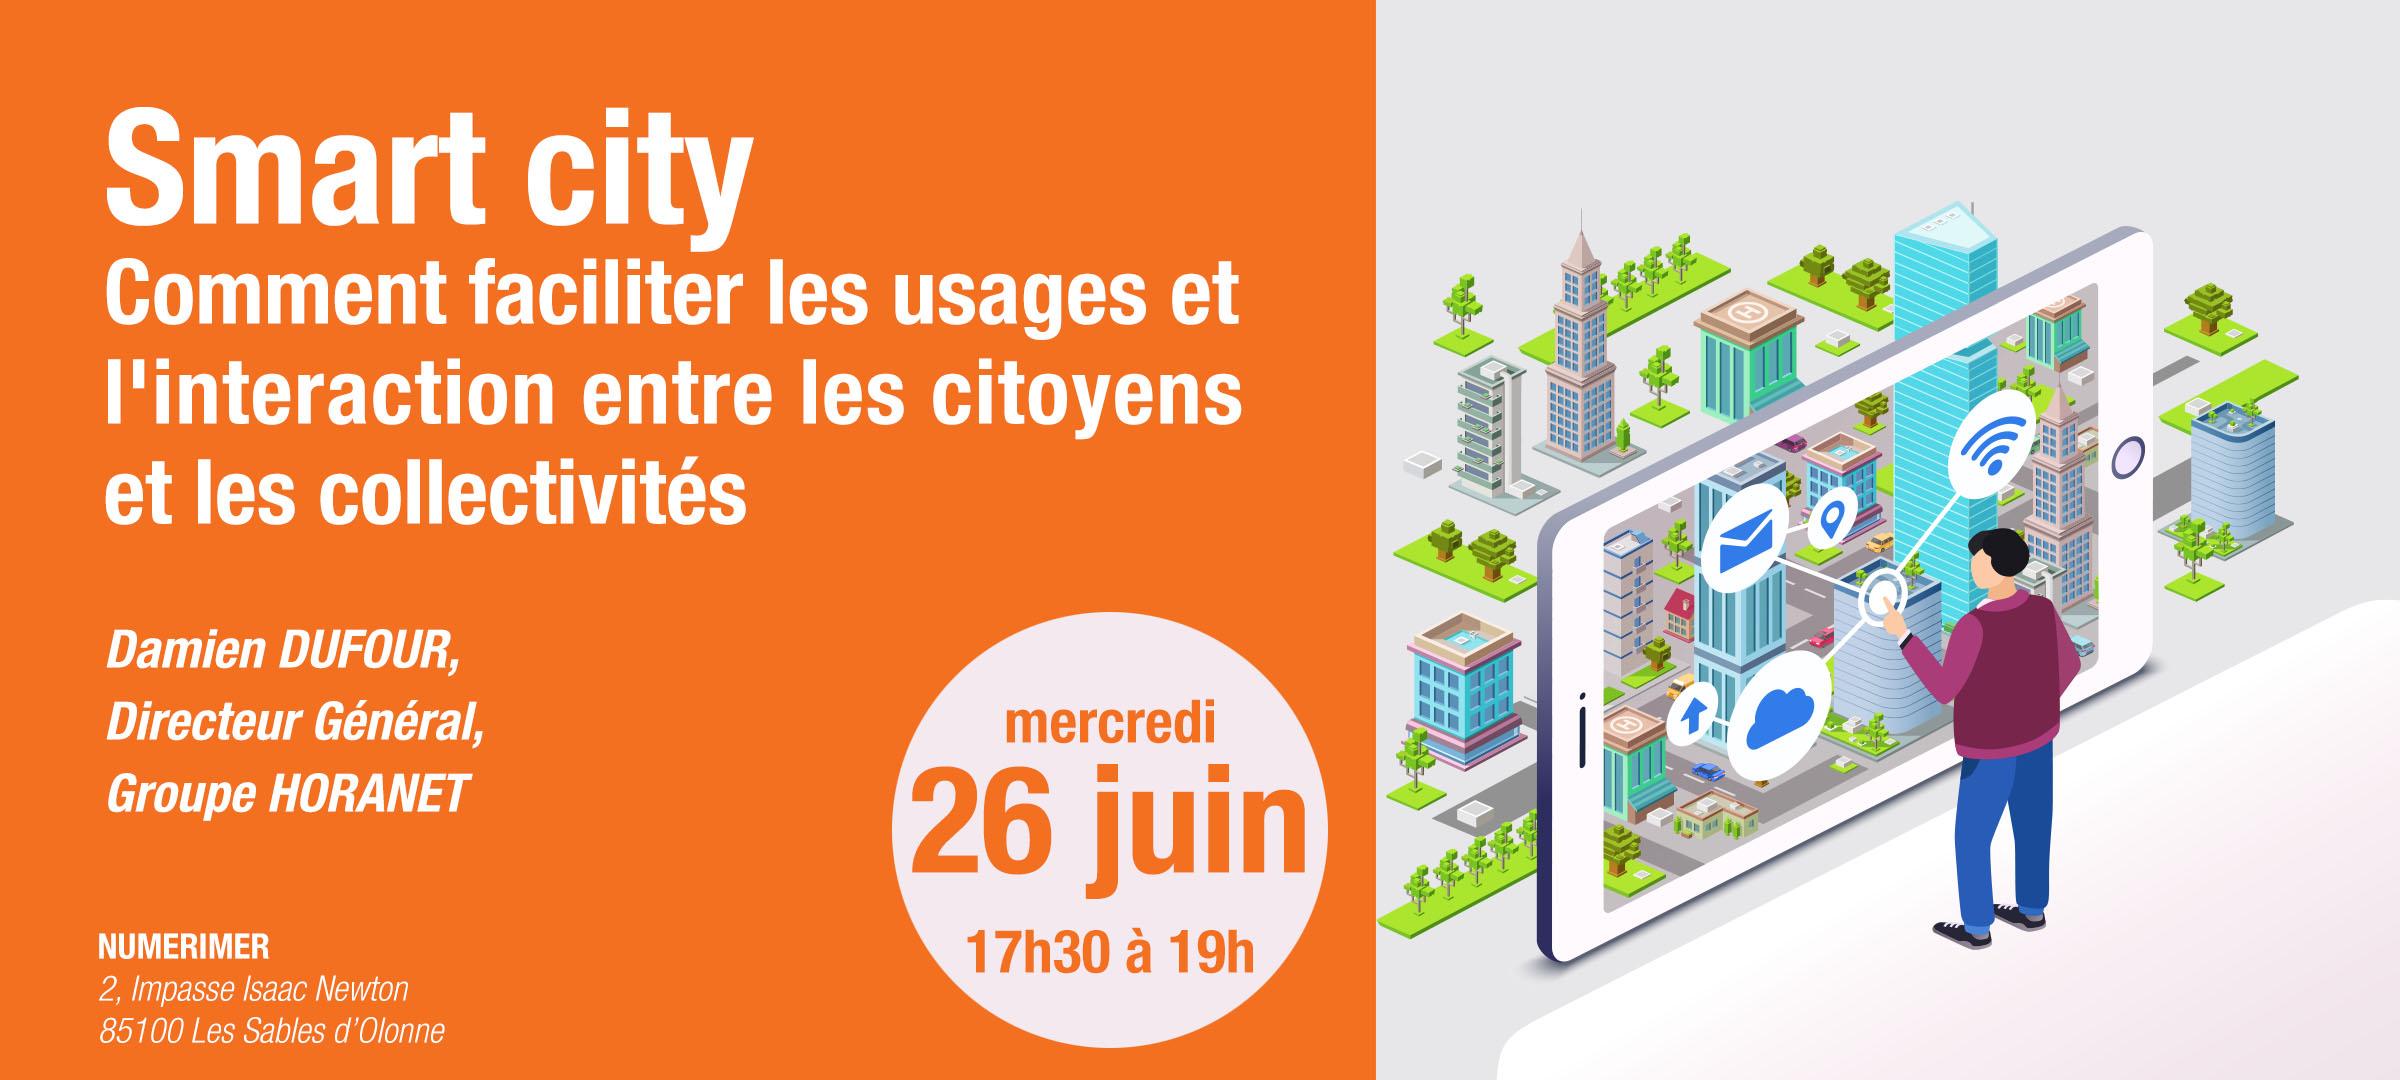 """ESAIP """"Smart city et objets connectés"""" Les villes intelligentes de demain ou comment faciliter les usages et  l'interaction entre les citoyens et les collectivités"""